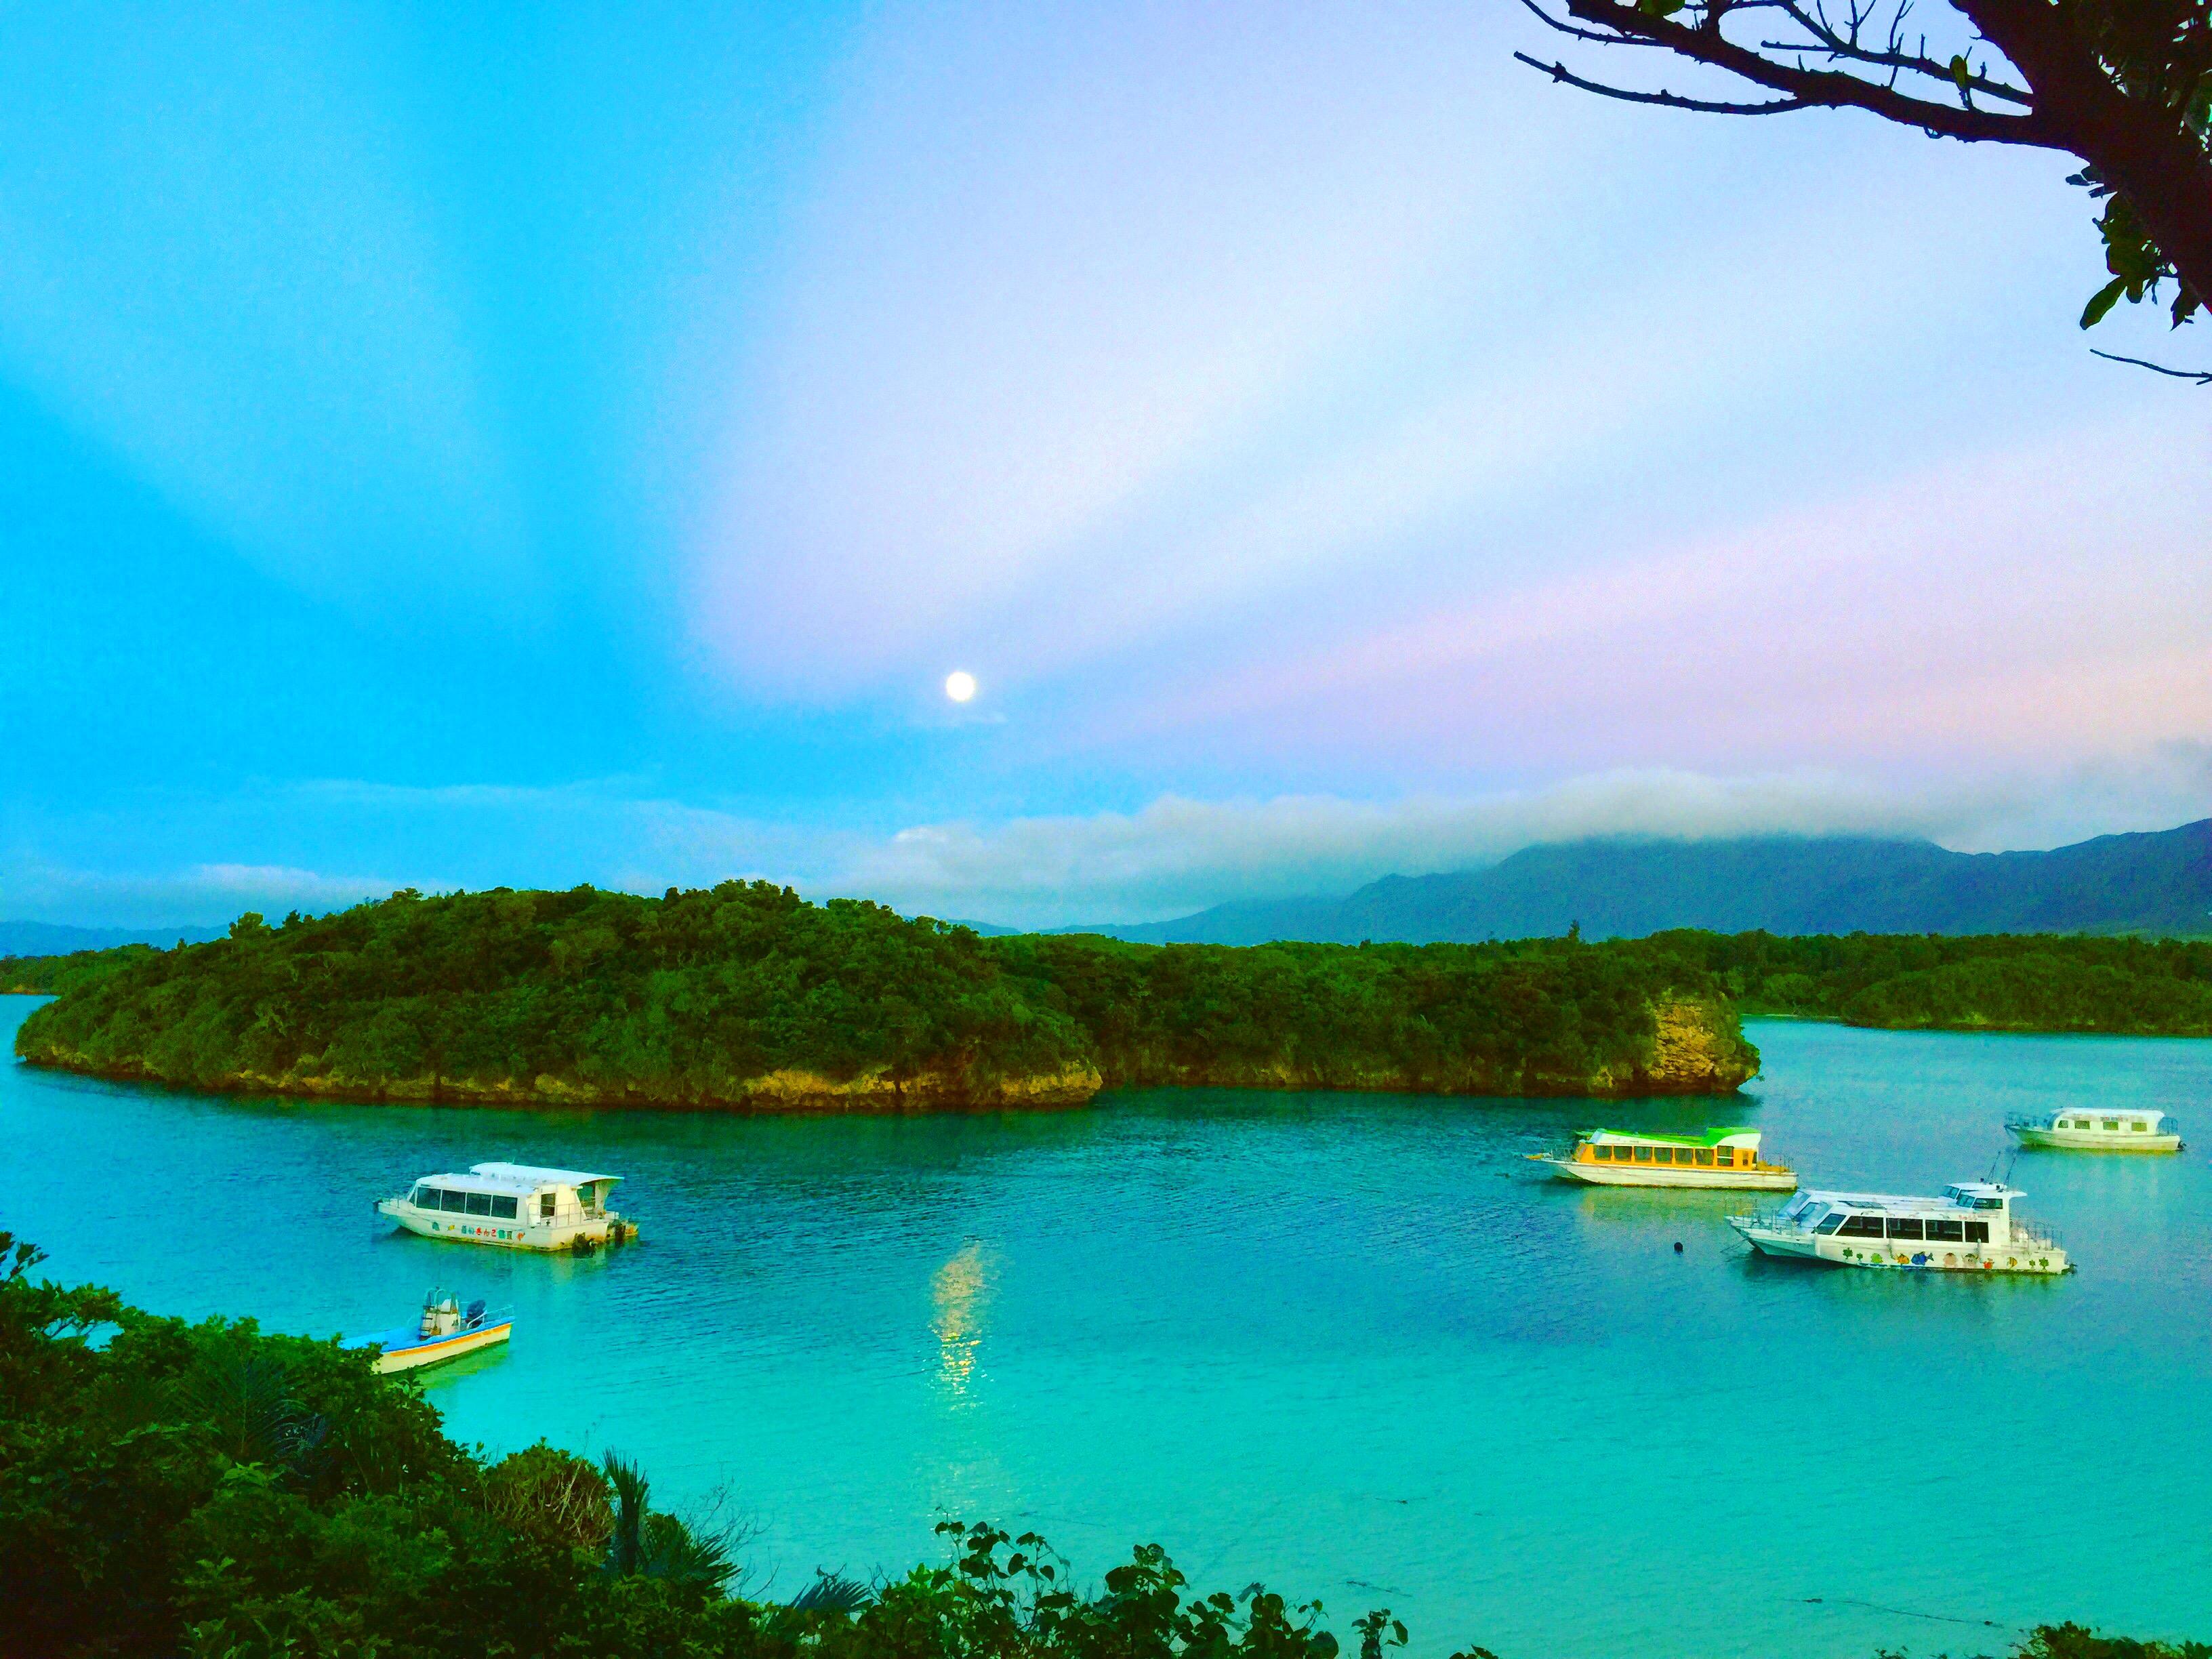 川平湾と月とマジックアワー